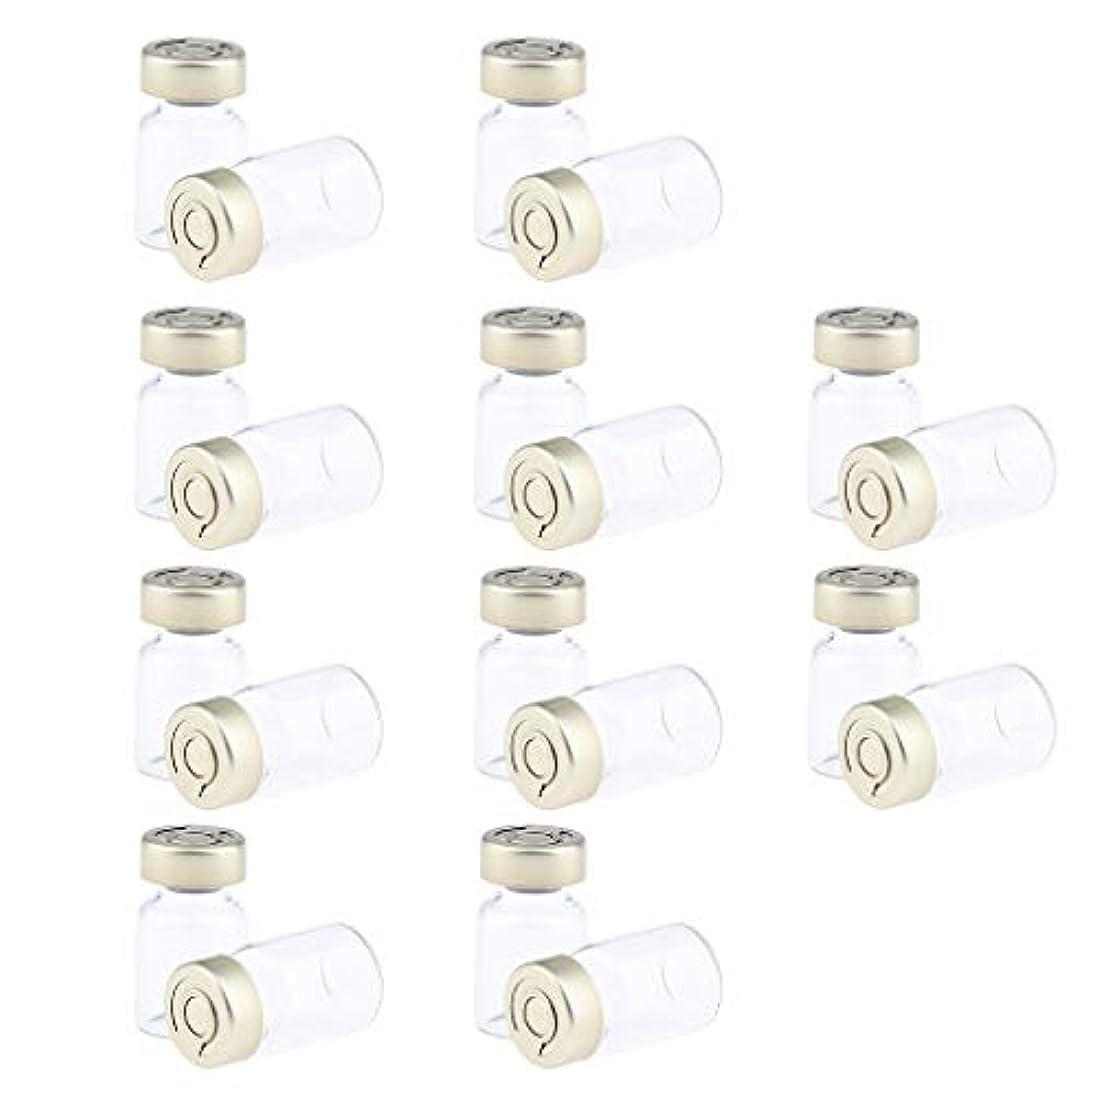 ベンチャー朝ごはん診断する約20個 密封バイアル 空ボトル ガラス密封 セラム バイアル びん 液体容器 3サイズ選べ - 5ミリリットル